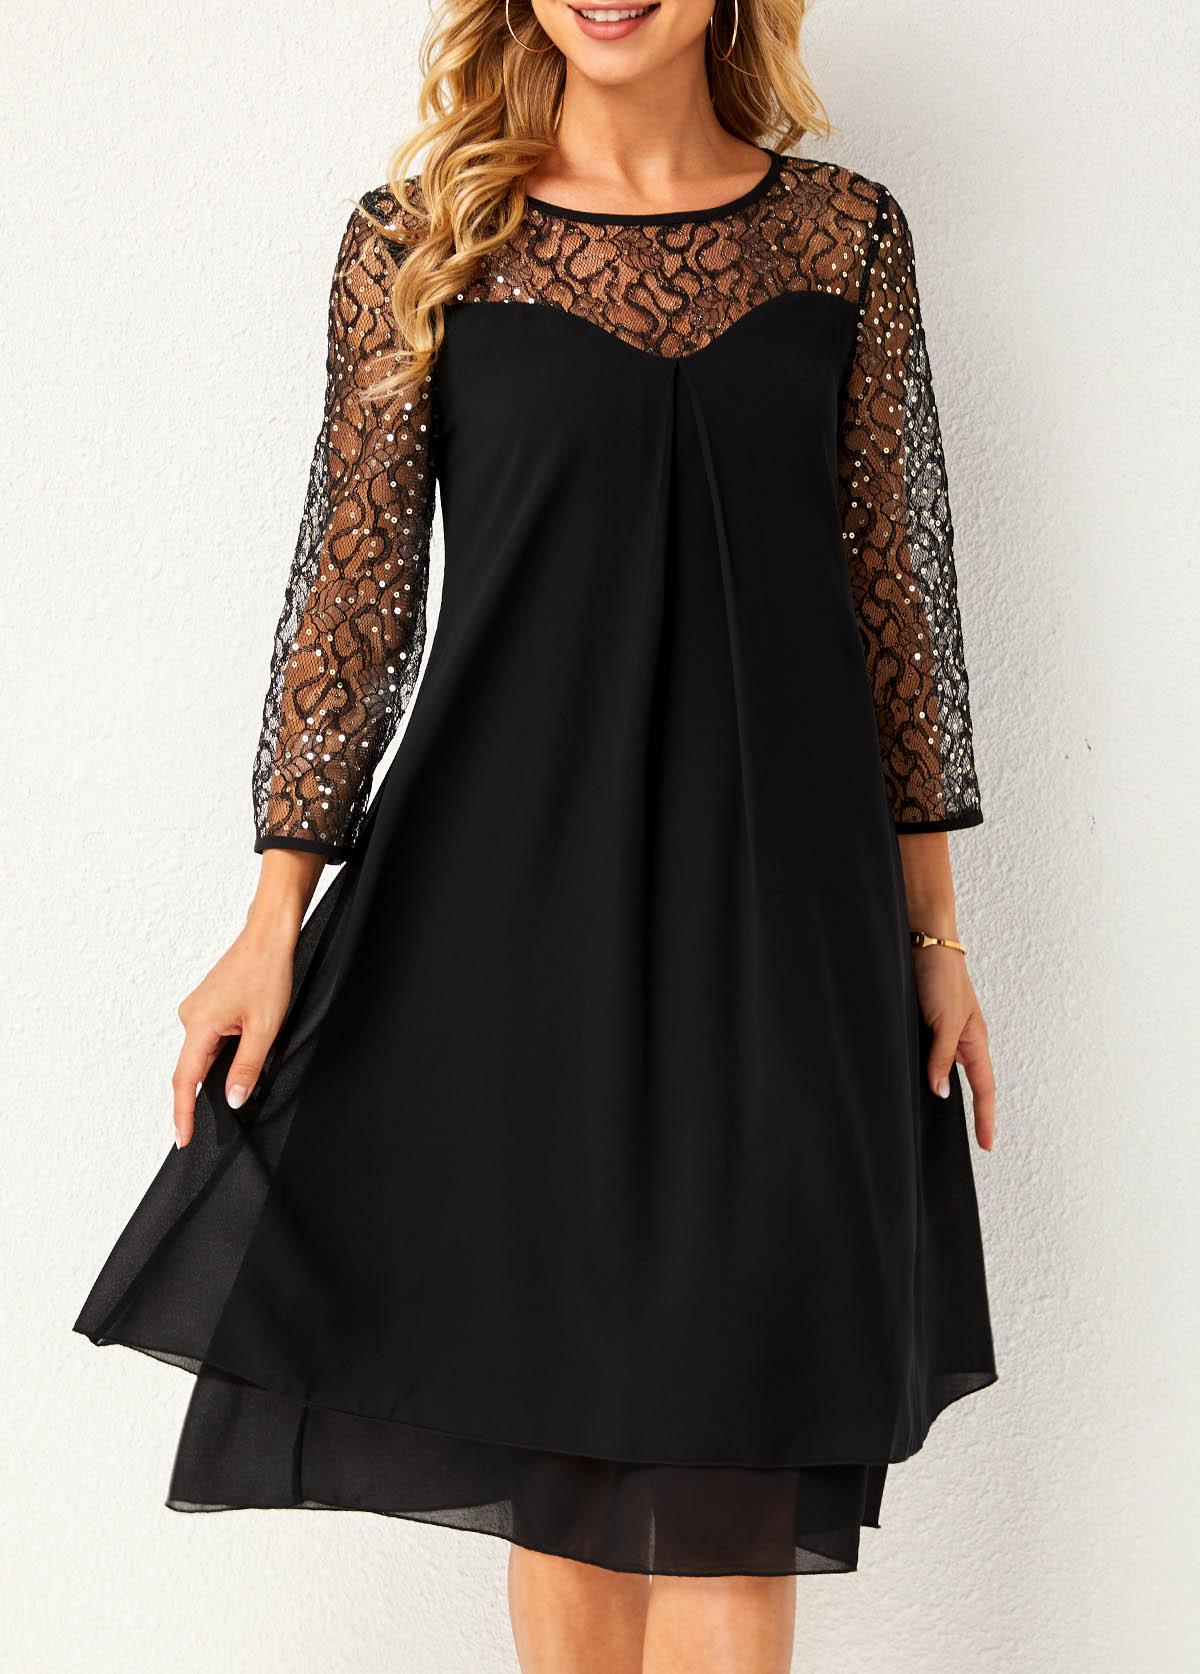 ROTITA Round Neck Lace Stitching Layered Hem Dress